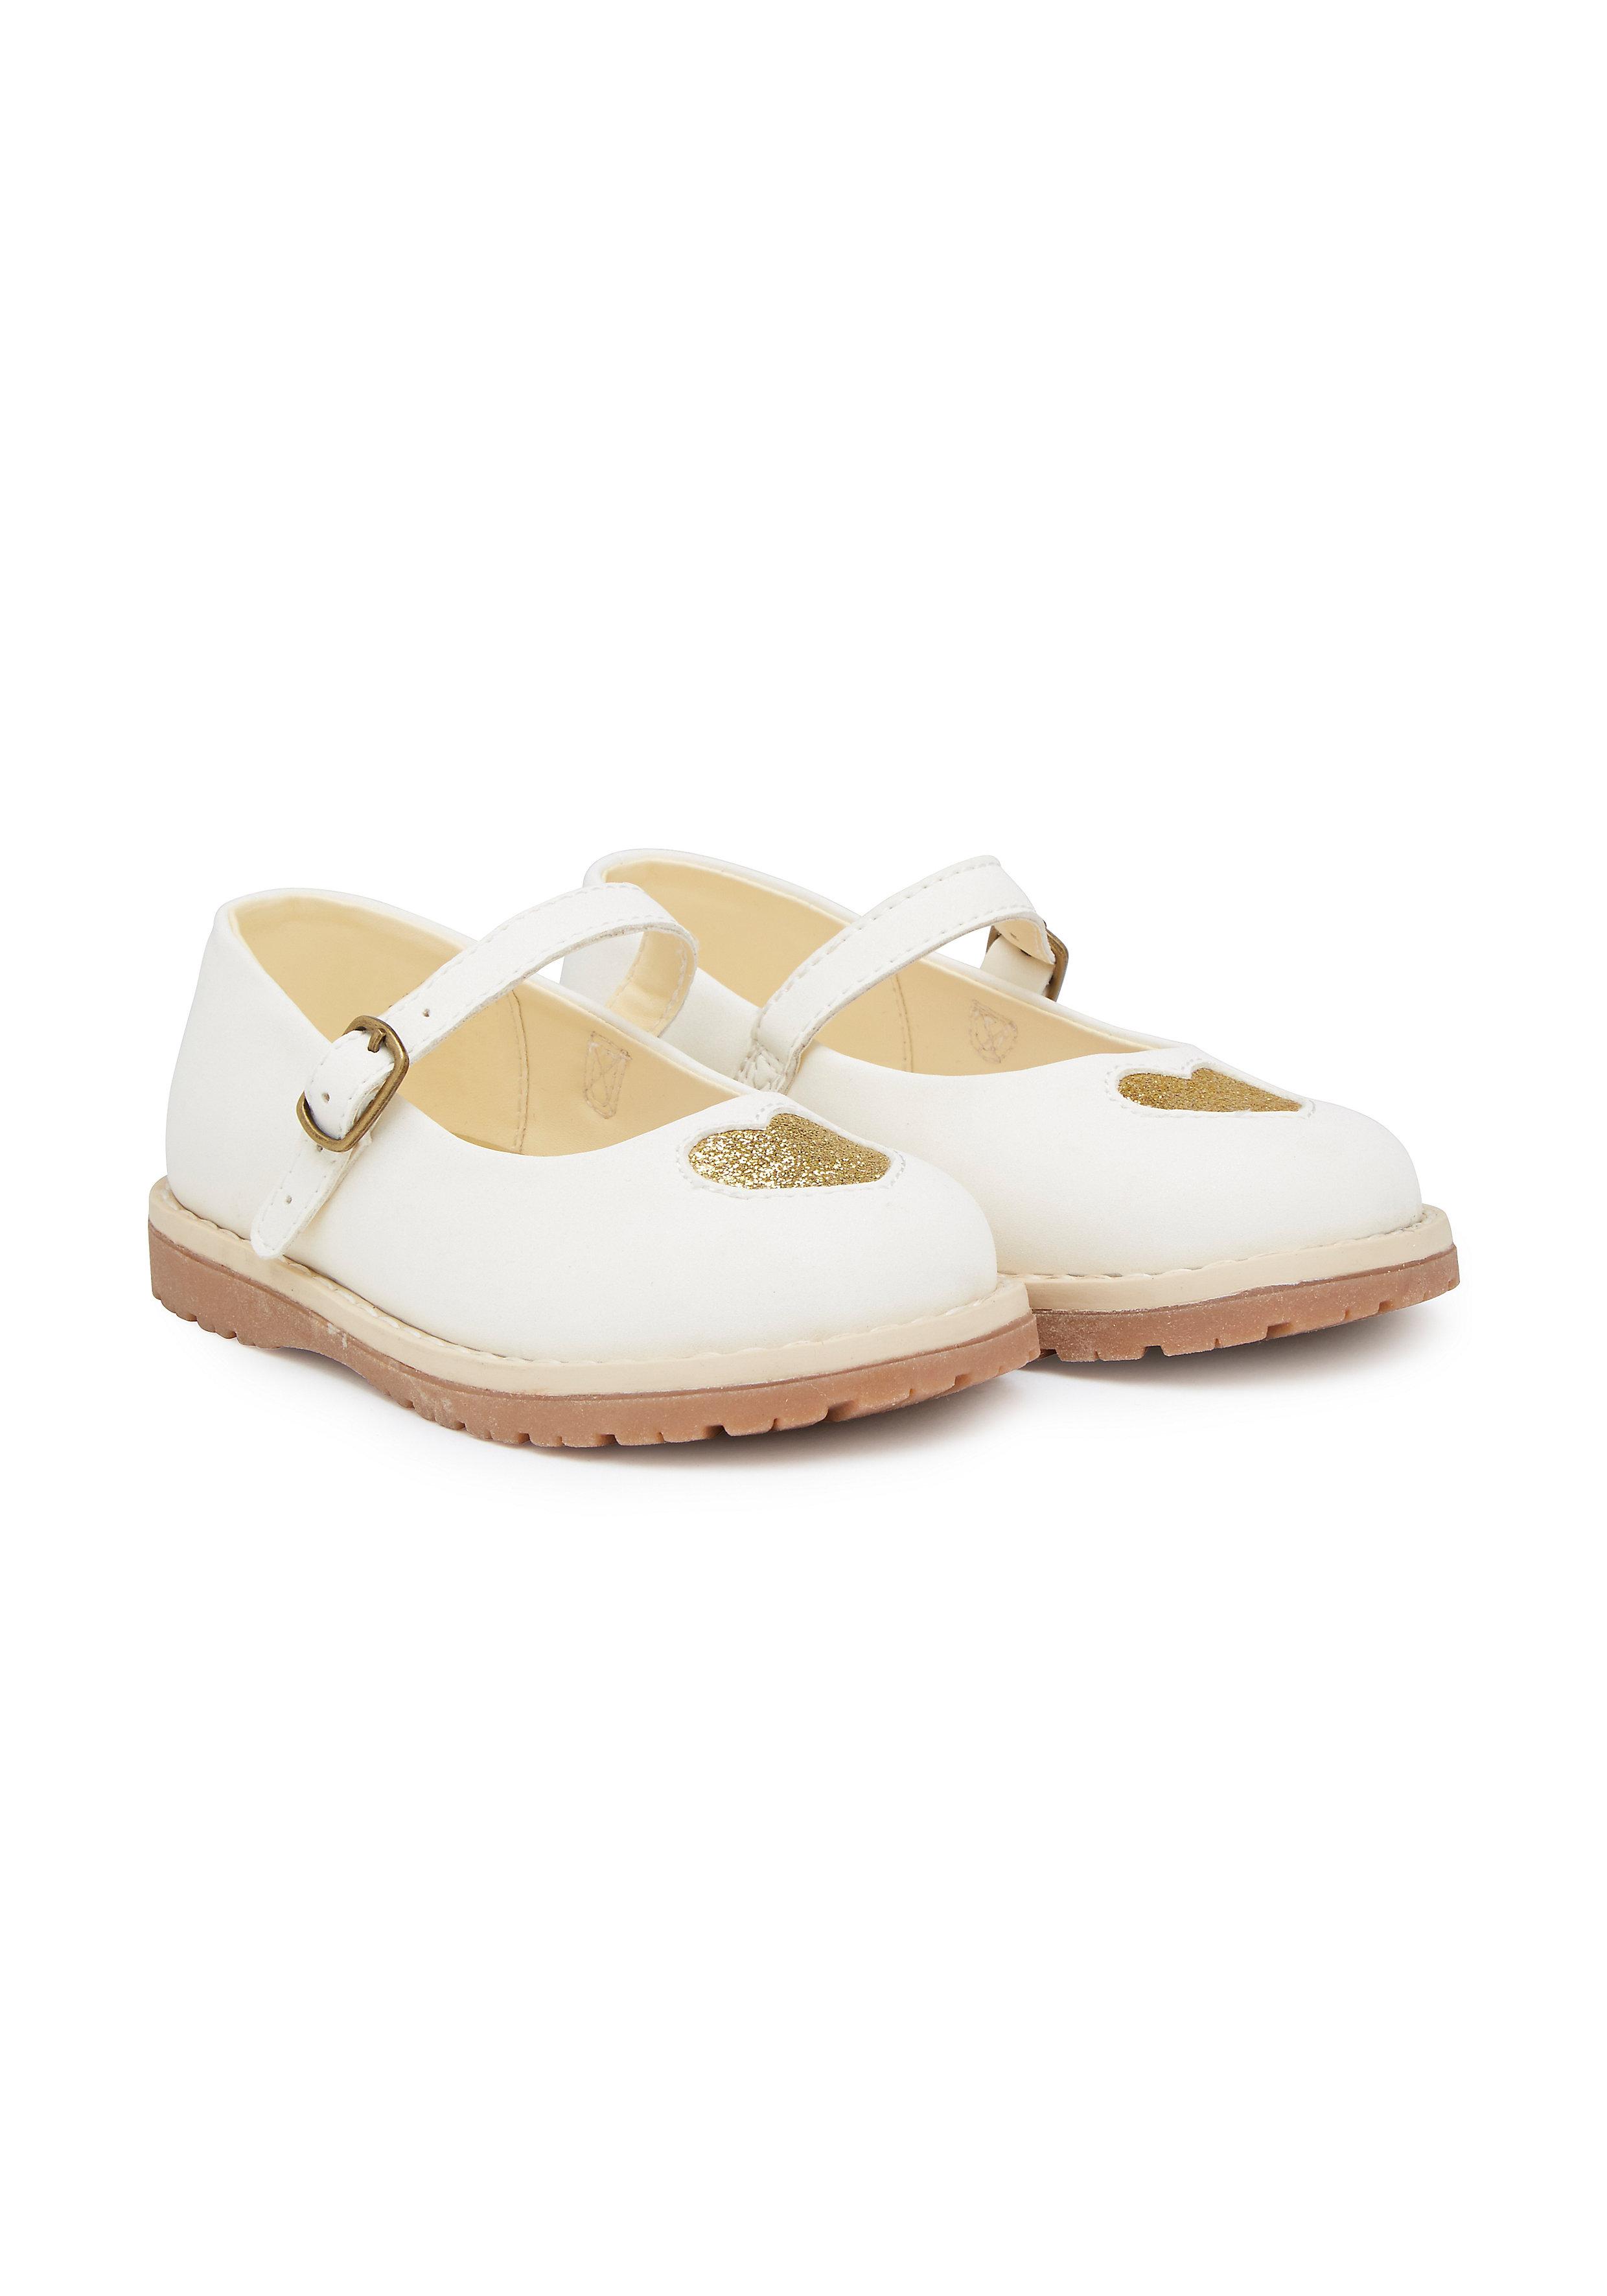 Mothercare   Girls First Walker Shoes Glitter Heart - Cream